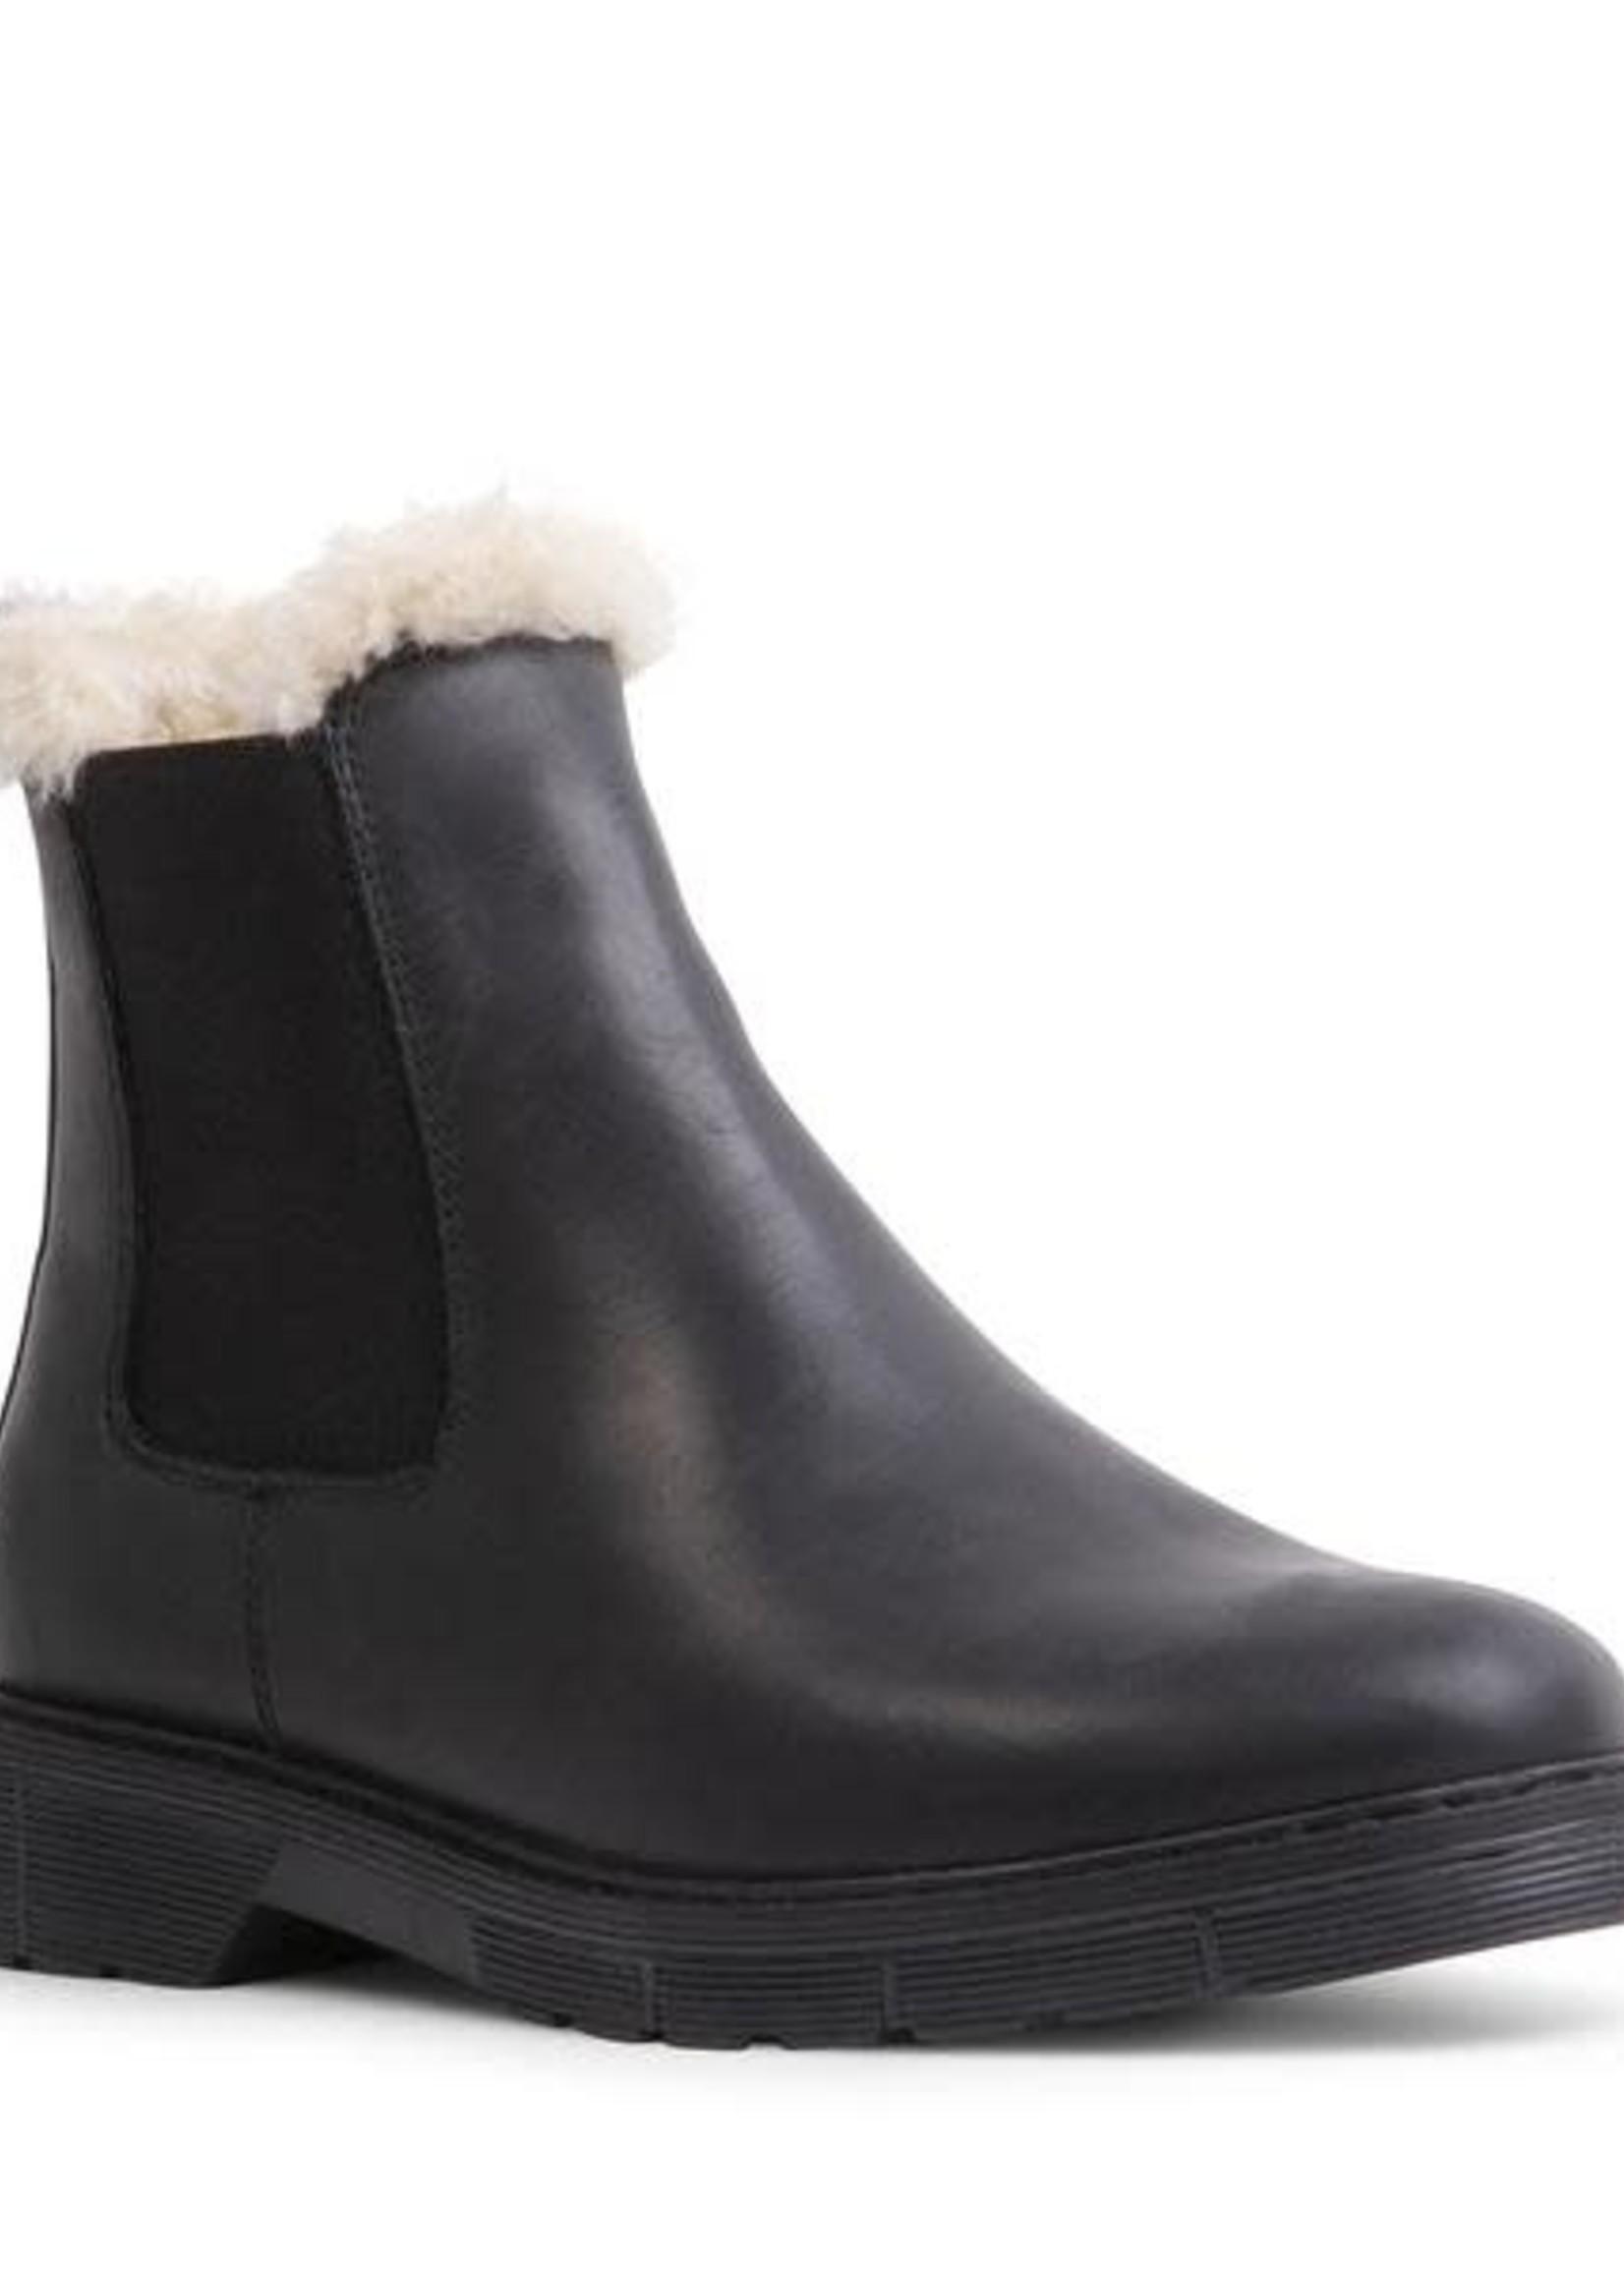 STEVE MADDEN ABELLA boot